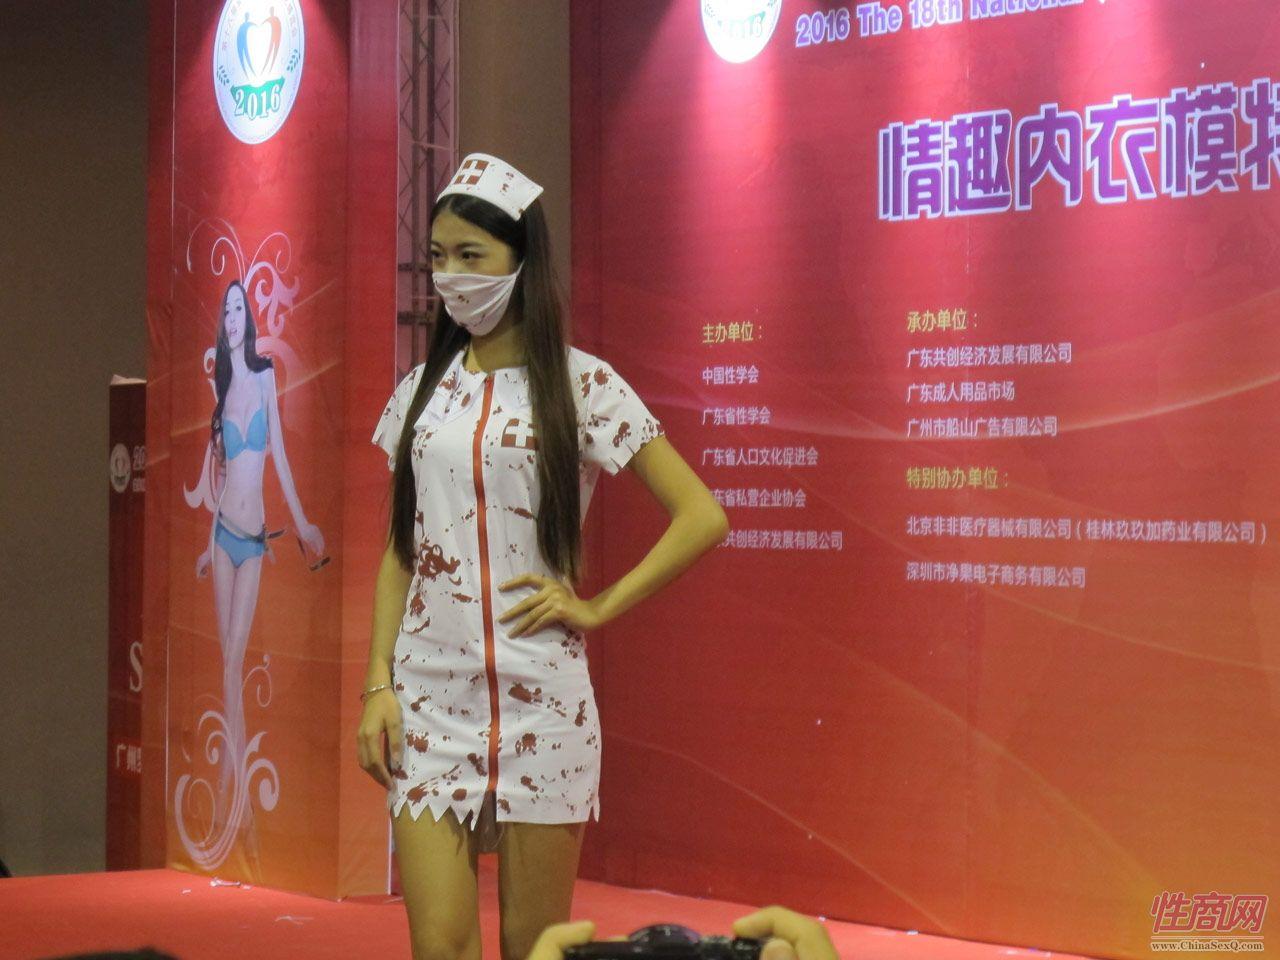 2016第十八届广州性文化节--情趣内衣秀图片32